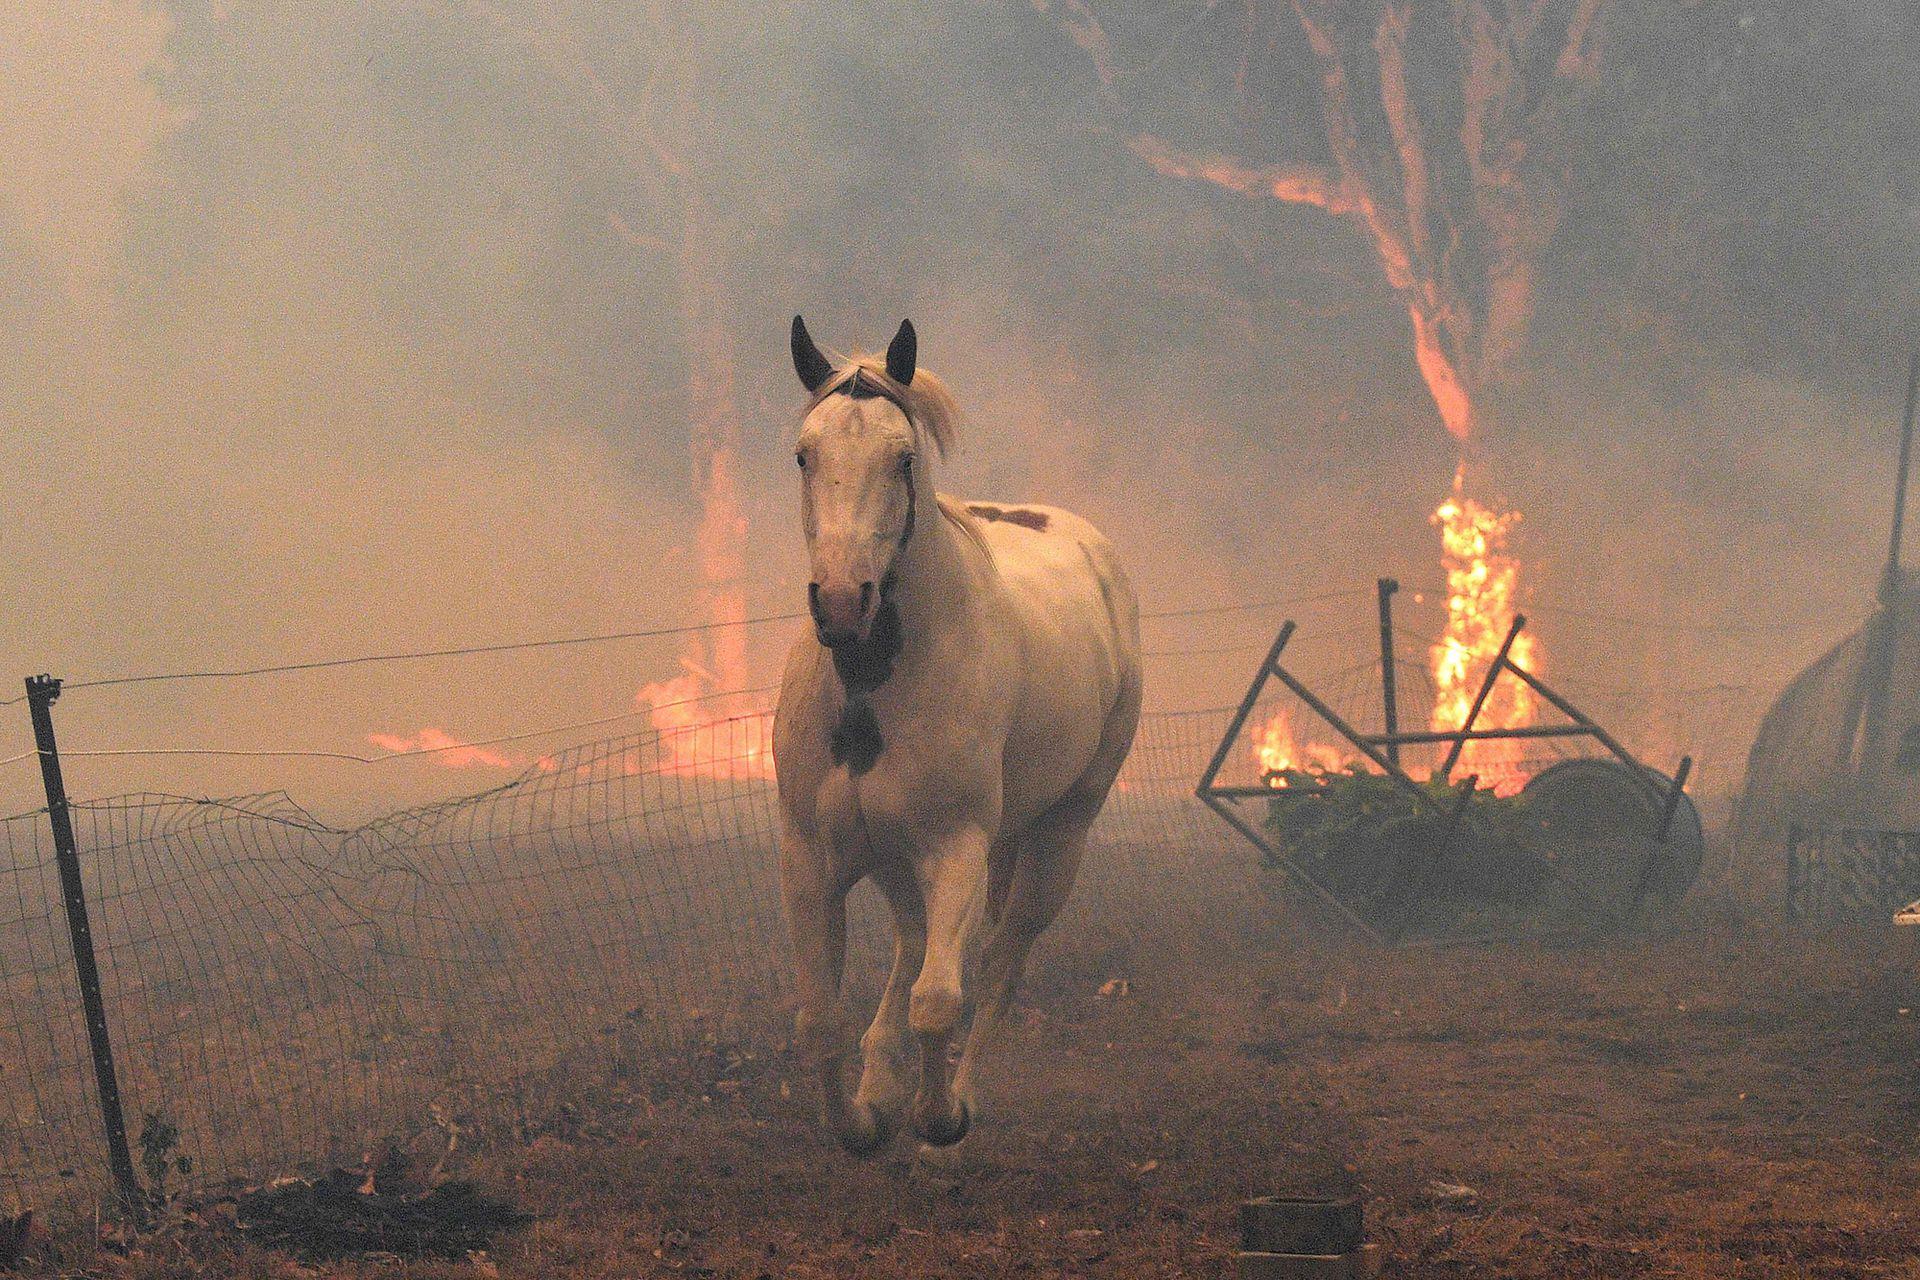 Un caballo trata de alejarse de los incendios forestales cercanos en una propiedad residencial cerca de la ciudad de Nowra en el estado australiano de Nueva Gales del Sur.